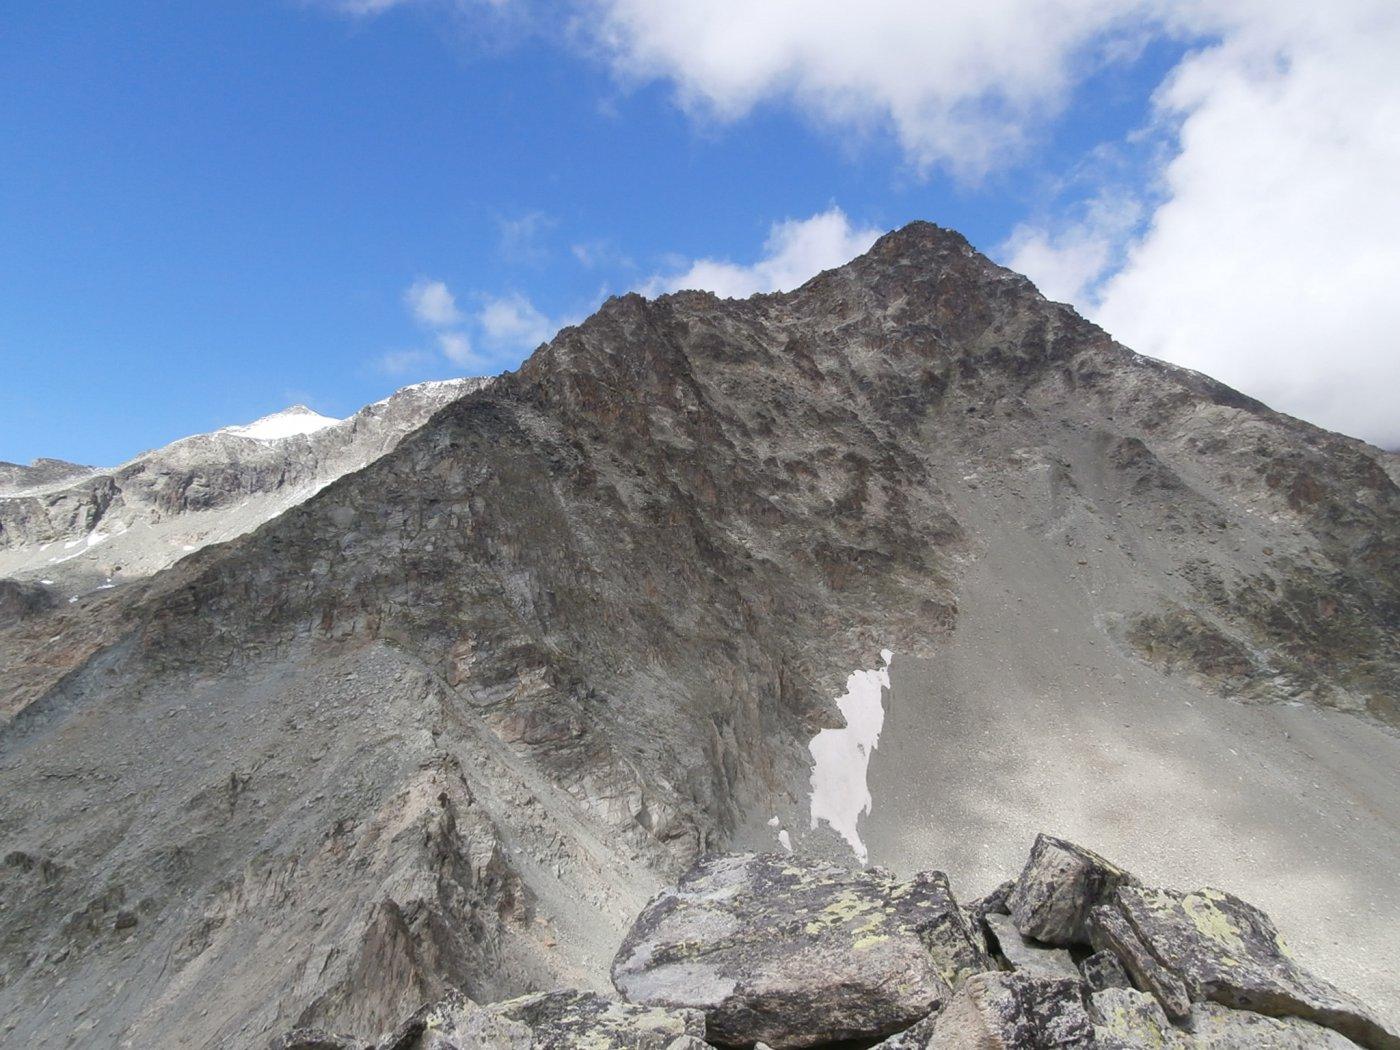 il percorso di cresta dal sottostante colle ,in primo piano il Monte Cervo e più a sinistra in fondo la Rayette..